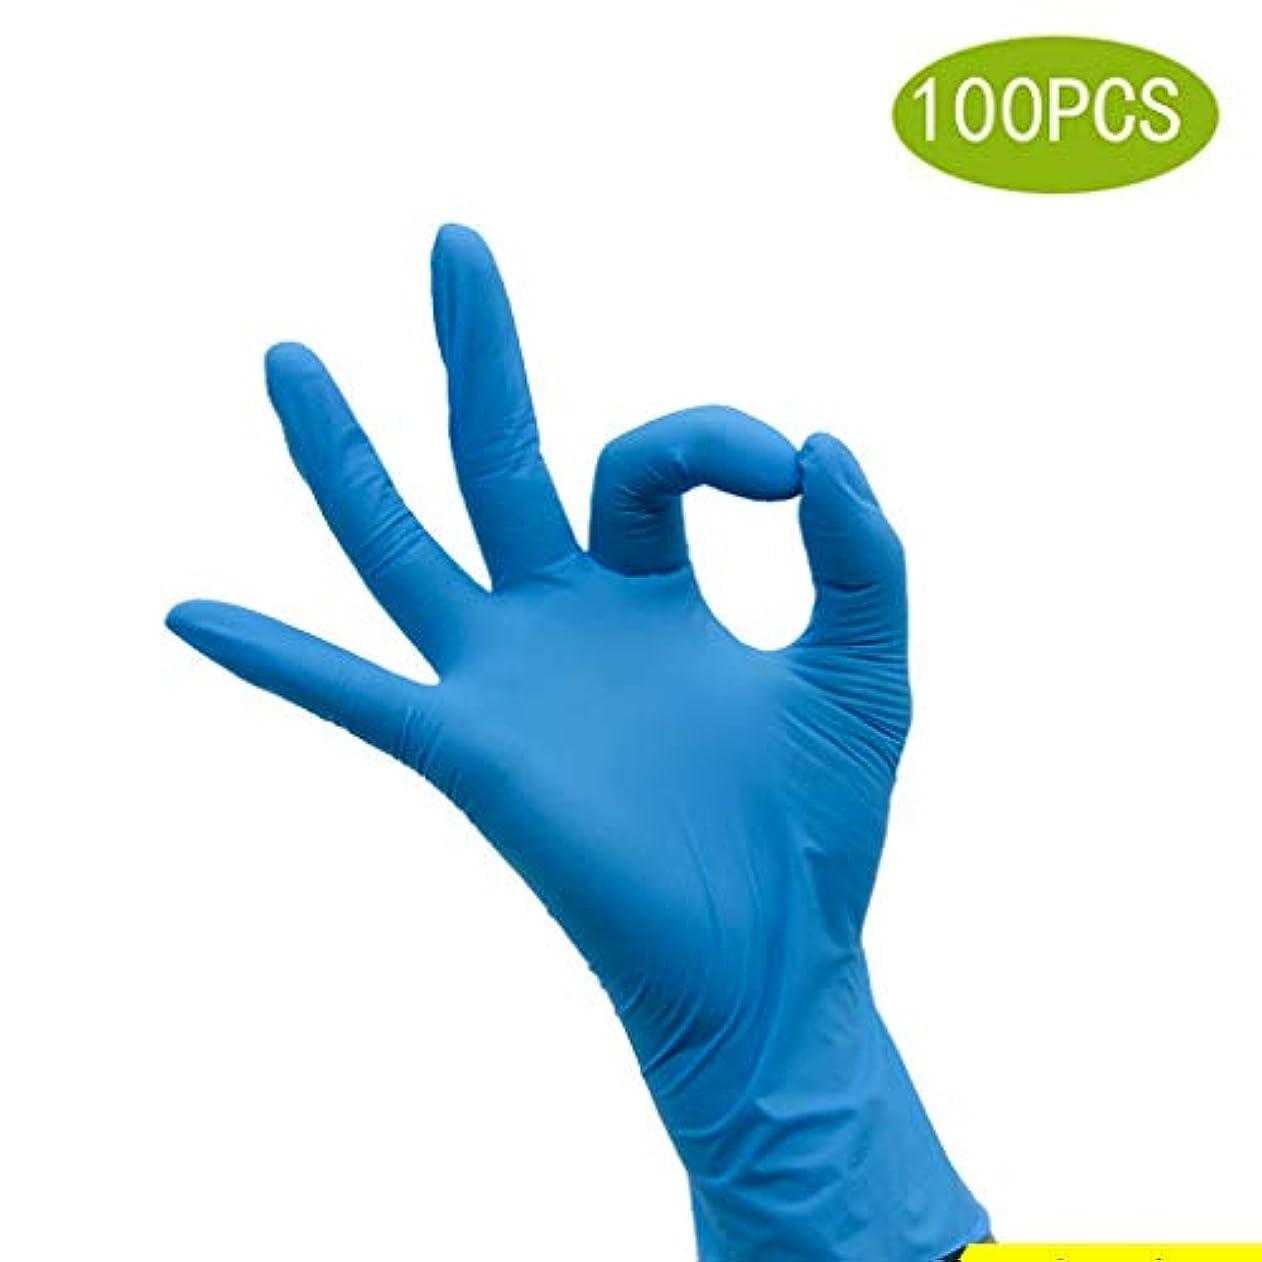 認証アスレチック内なる使い捨て手袋食品ケータリング手術丁清ゴムラテックススキンキッチン厚い試験ケータリング美容実験、使い捨て手袋ディスペンサー[100個] (Color : Blue, Size : L)